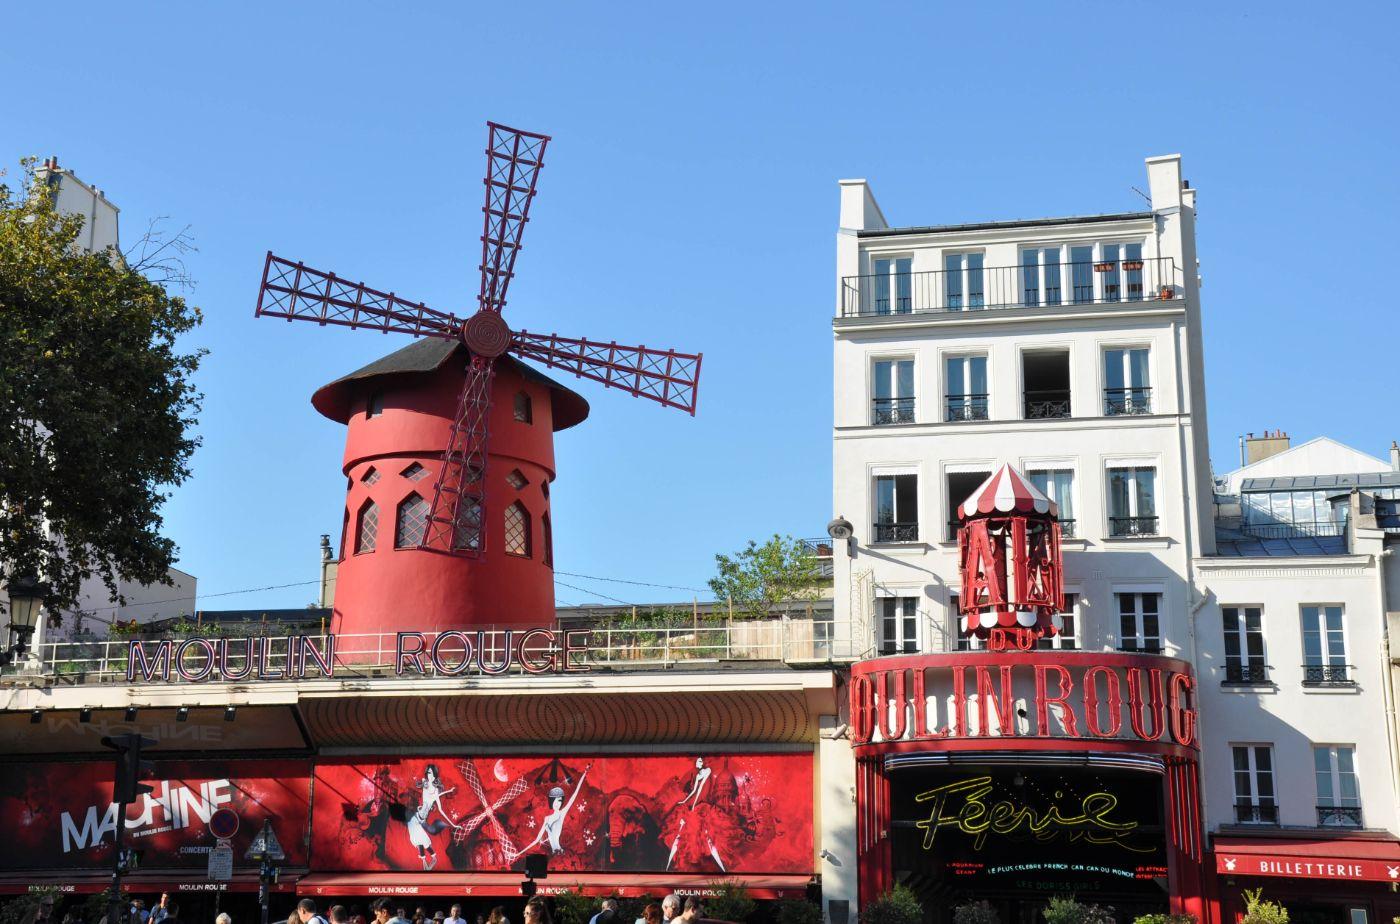 Moulin rouge - Blog La Marinière en Voyage